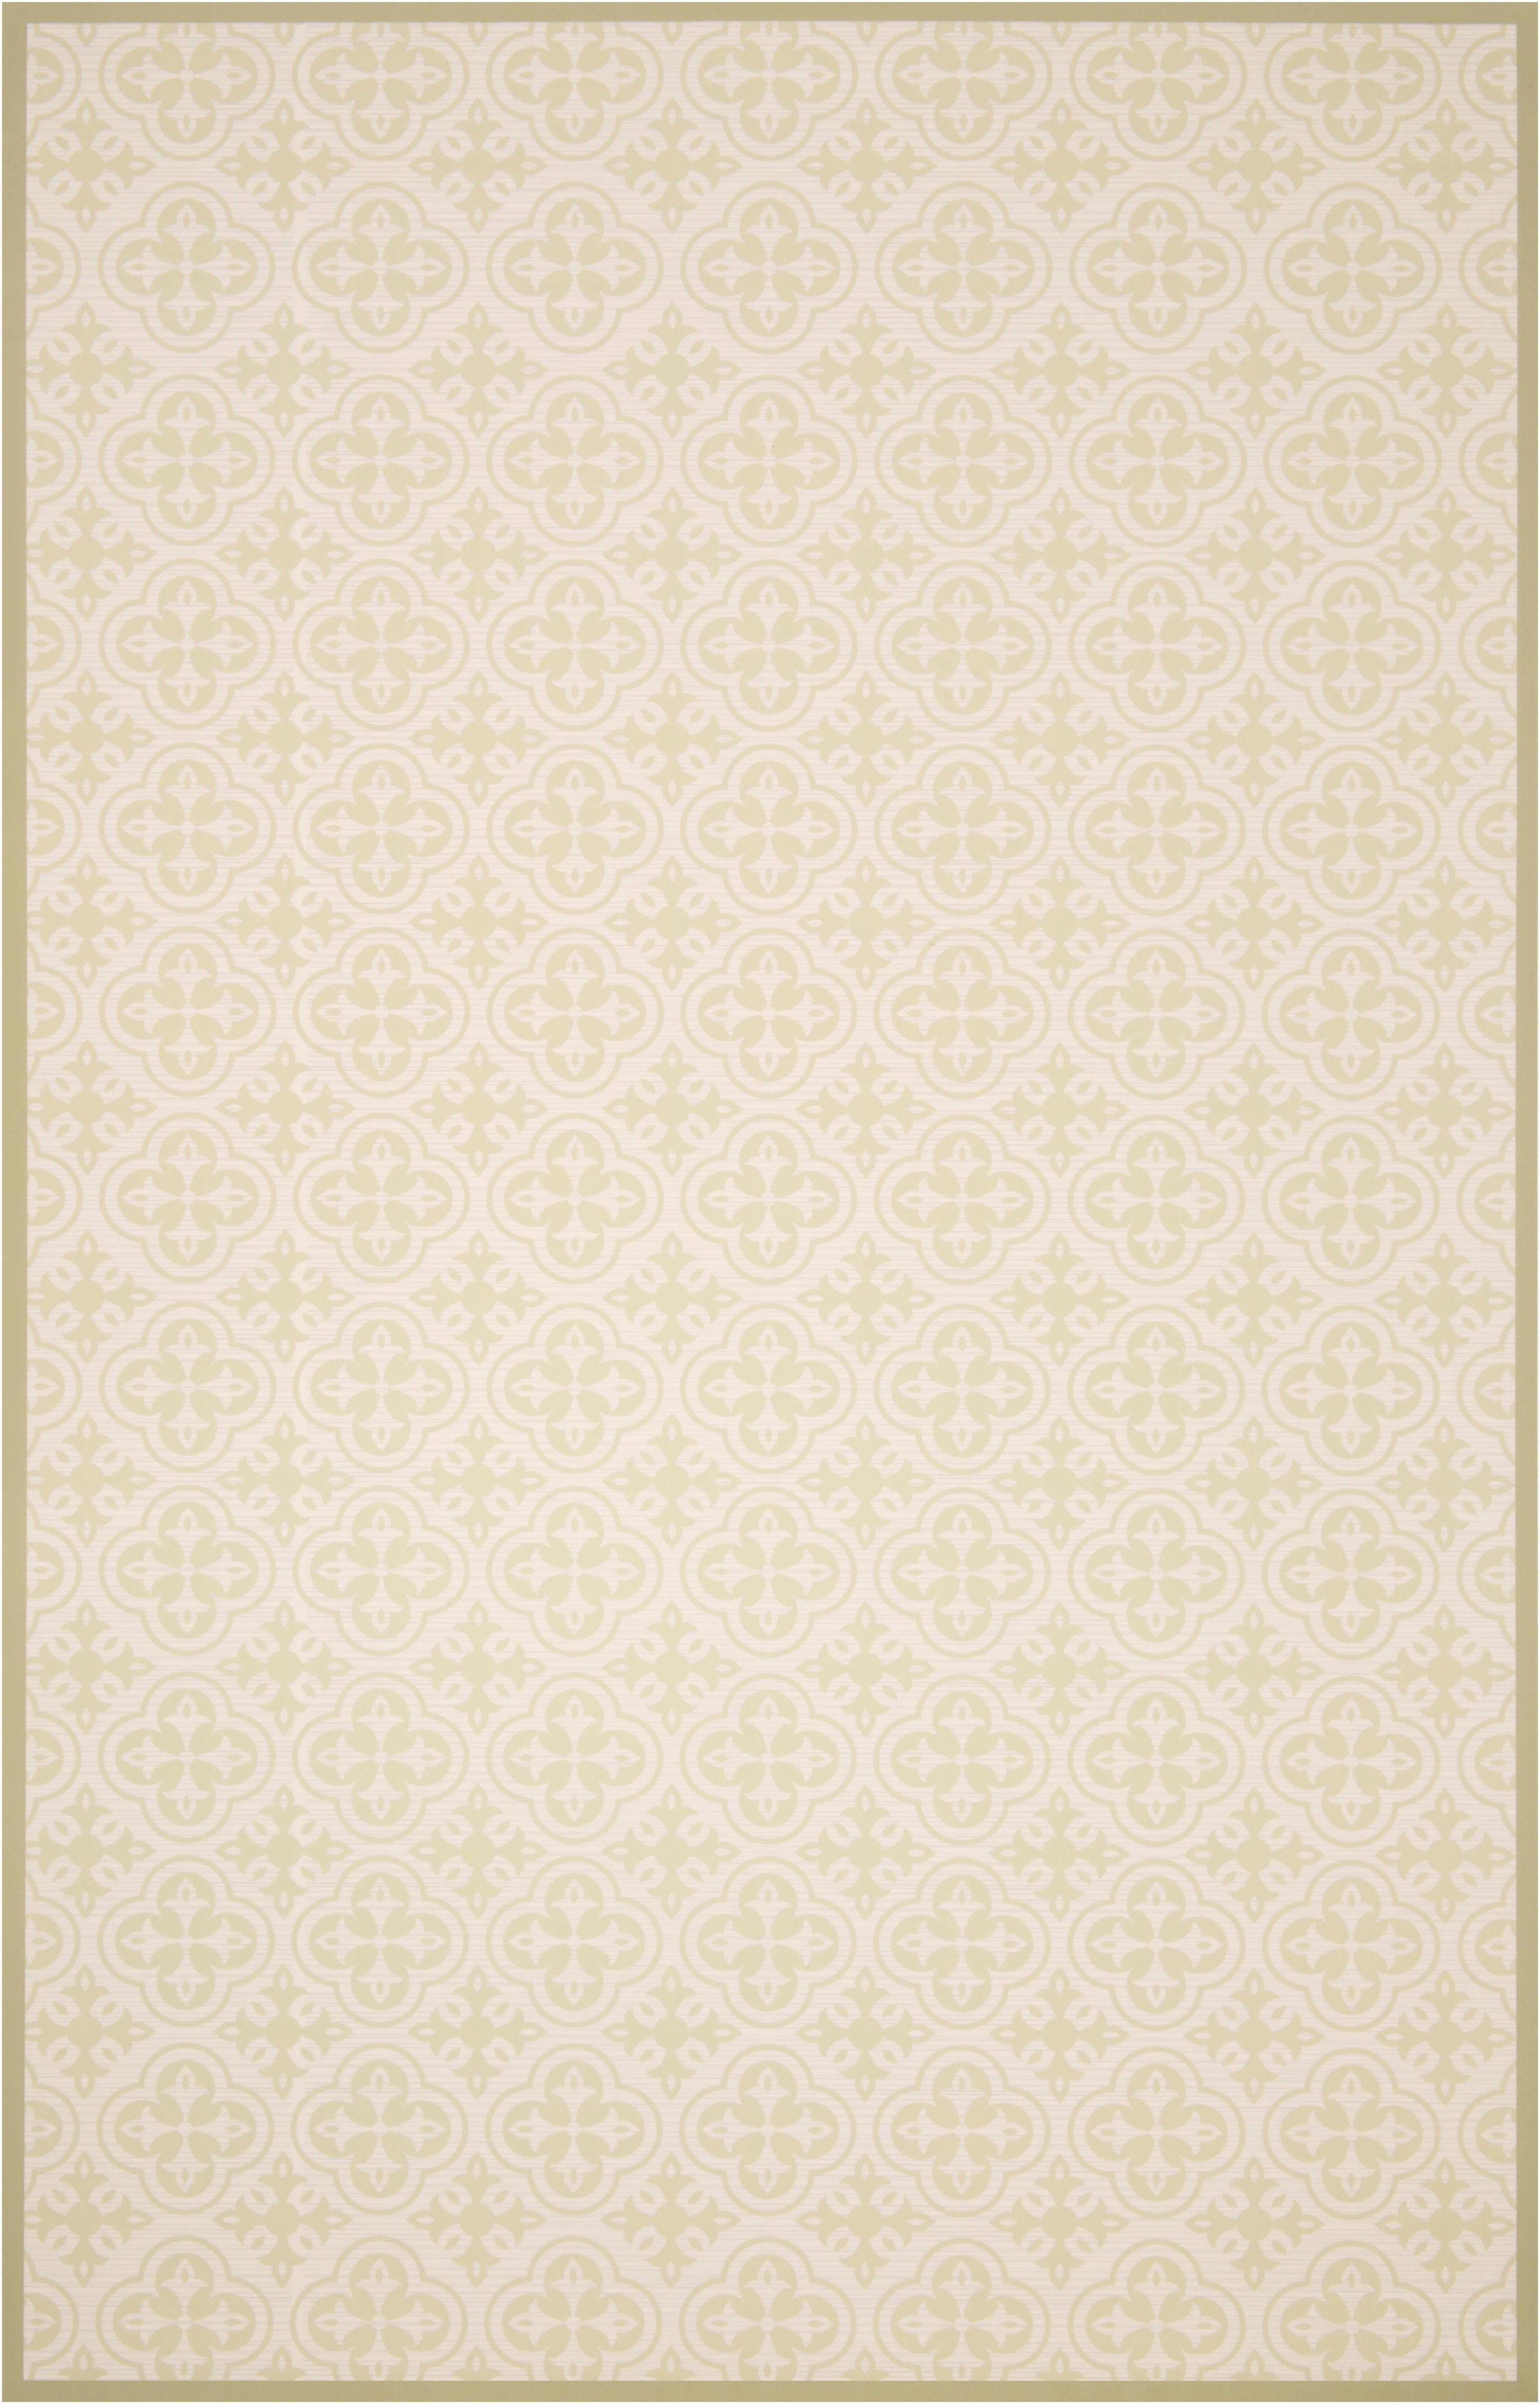 Vinylteppich Sia Zala Living rechteckig Höhe 2 mm gedruckt